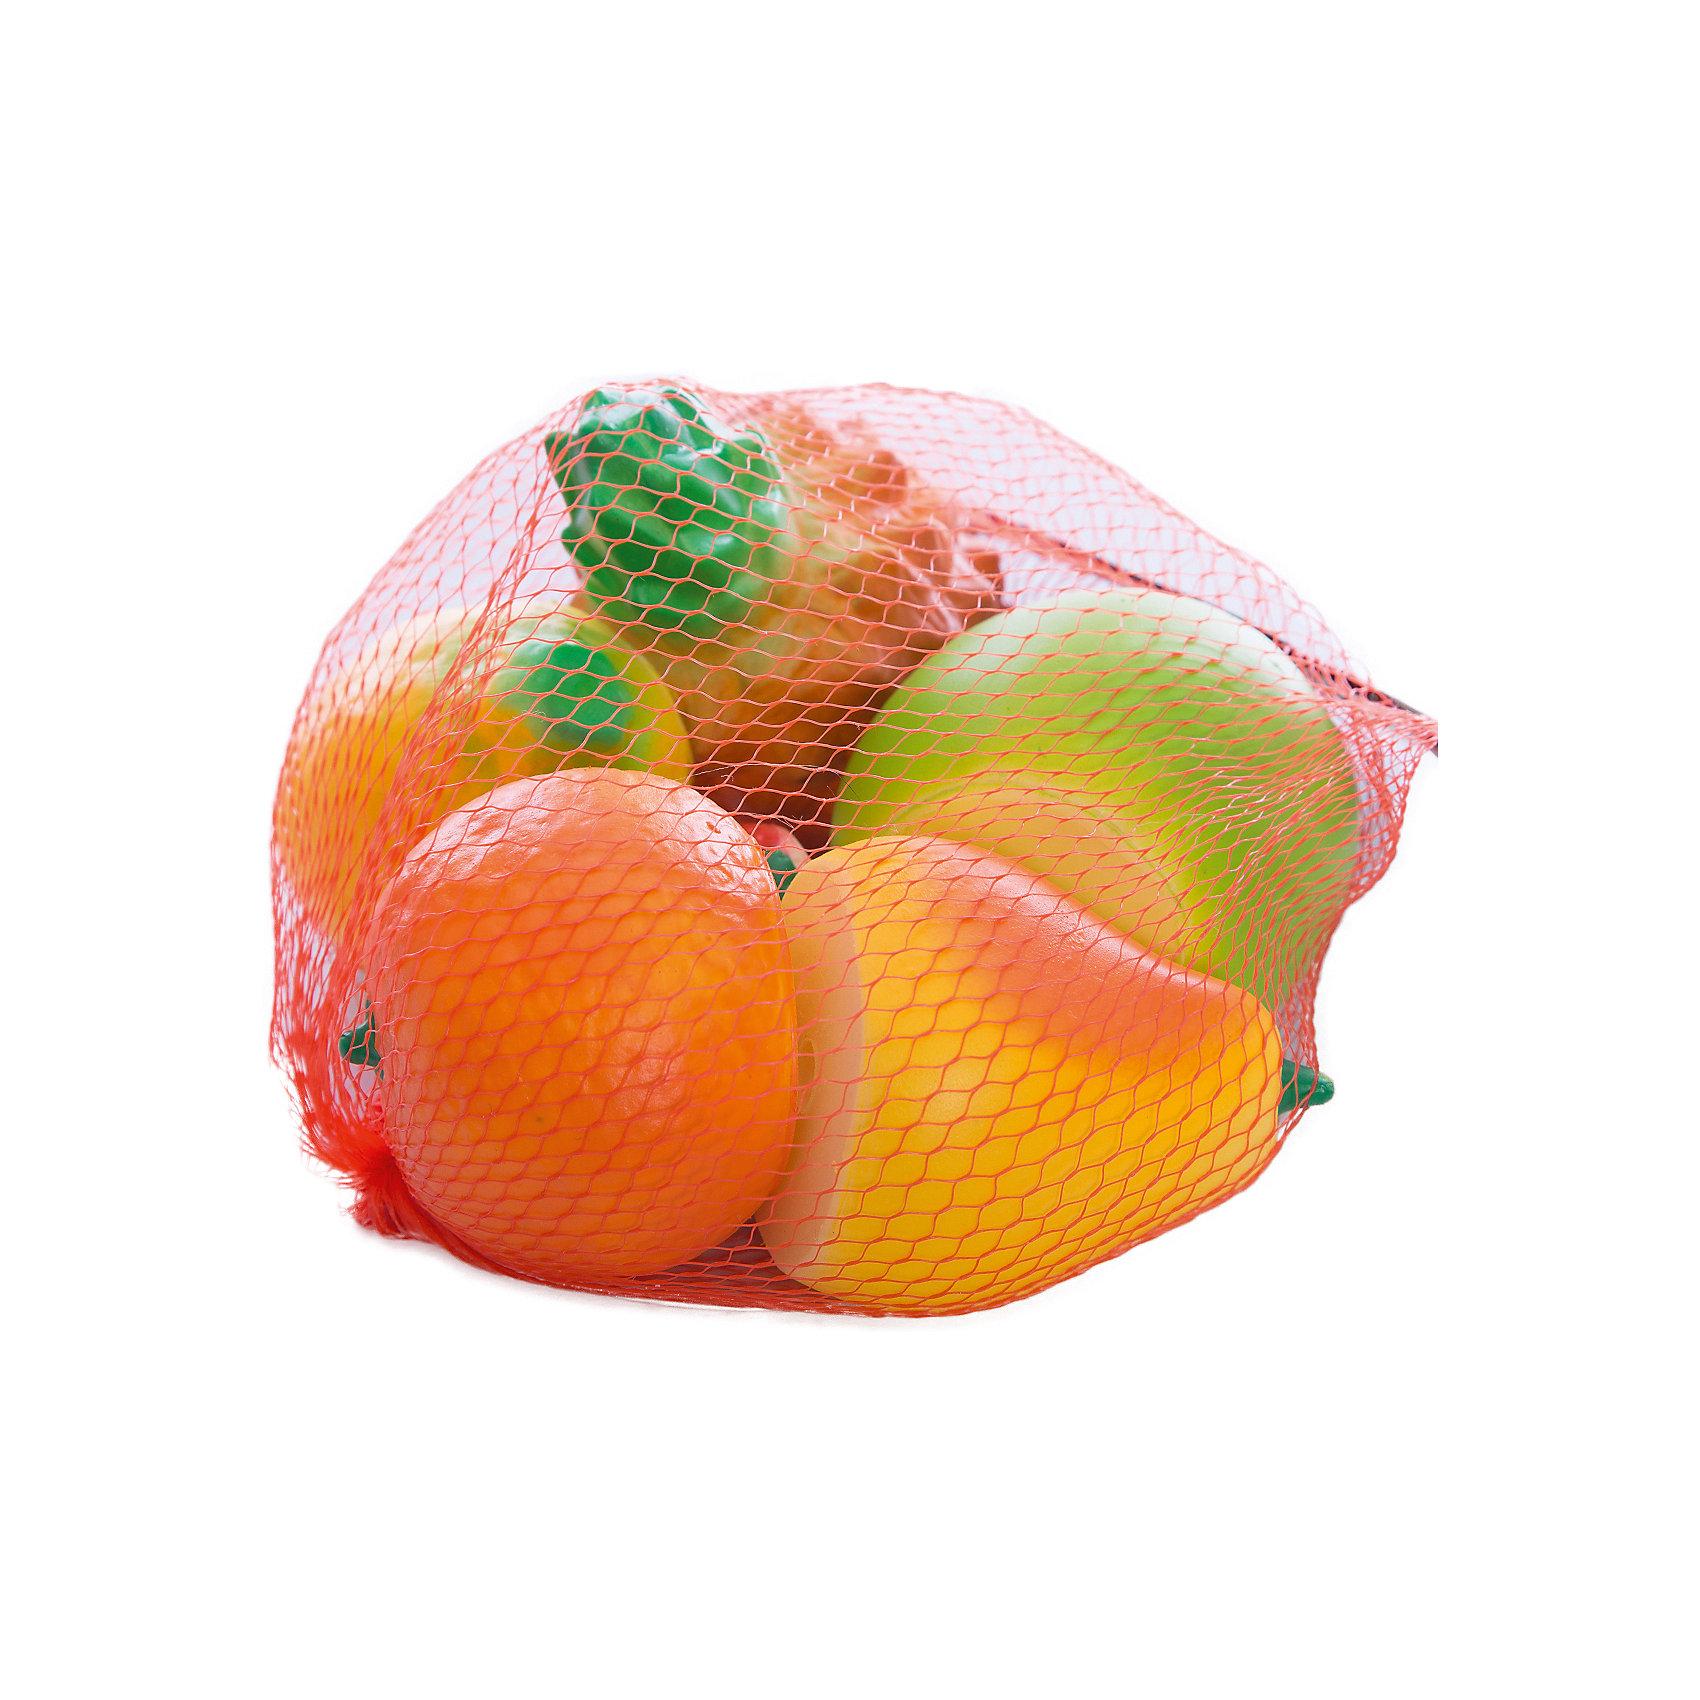 Набор Фрукты, КудесникиНабор Фрукты, Кудесники<br><br>Характеристики:<br><br>• Материал: ПВХ.<br>• Размер упаковки: 20х30х 11см.<br>• В набор входят игрушки: груша, яблоко, ананас, мандарин, лимон, клубника.<br><br>Отличный набор «Фрукты» из мягкого ПВХ надолго займет внимание вашего малыша. Фрукты выглядят как настоящие. Эти игрушки помогут малышу при прорезывании зубов, помогут развивать моторику рук, знакомить с формой, цветом, образами также с ними можно забавно поиграть в ванной. Яркие фрукты помогут ребенку придумывать различные сюжетно-ролевые игры.<br><br>Набор Фрукты, Кудесники, можно купить в нашем интернет- магазине.<br><br>Ширина мм: 200<br>Глубина мм: 200<br>Высота мм: 110<br>Вес г: 254<br>Возраст от месяцев: 12<br>Возраст до месяцев: 36<br>Пол: Унисекс<br>Возраст: Детский<br>SKU: 4896455